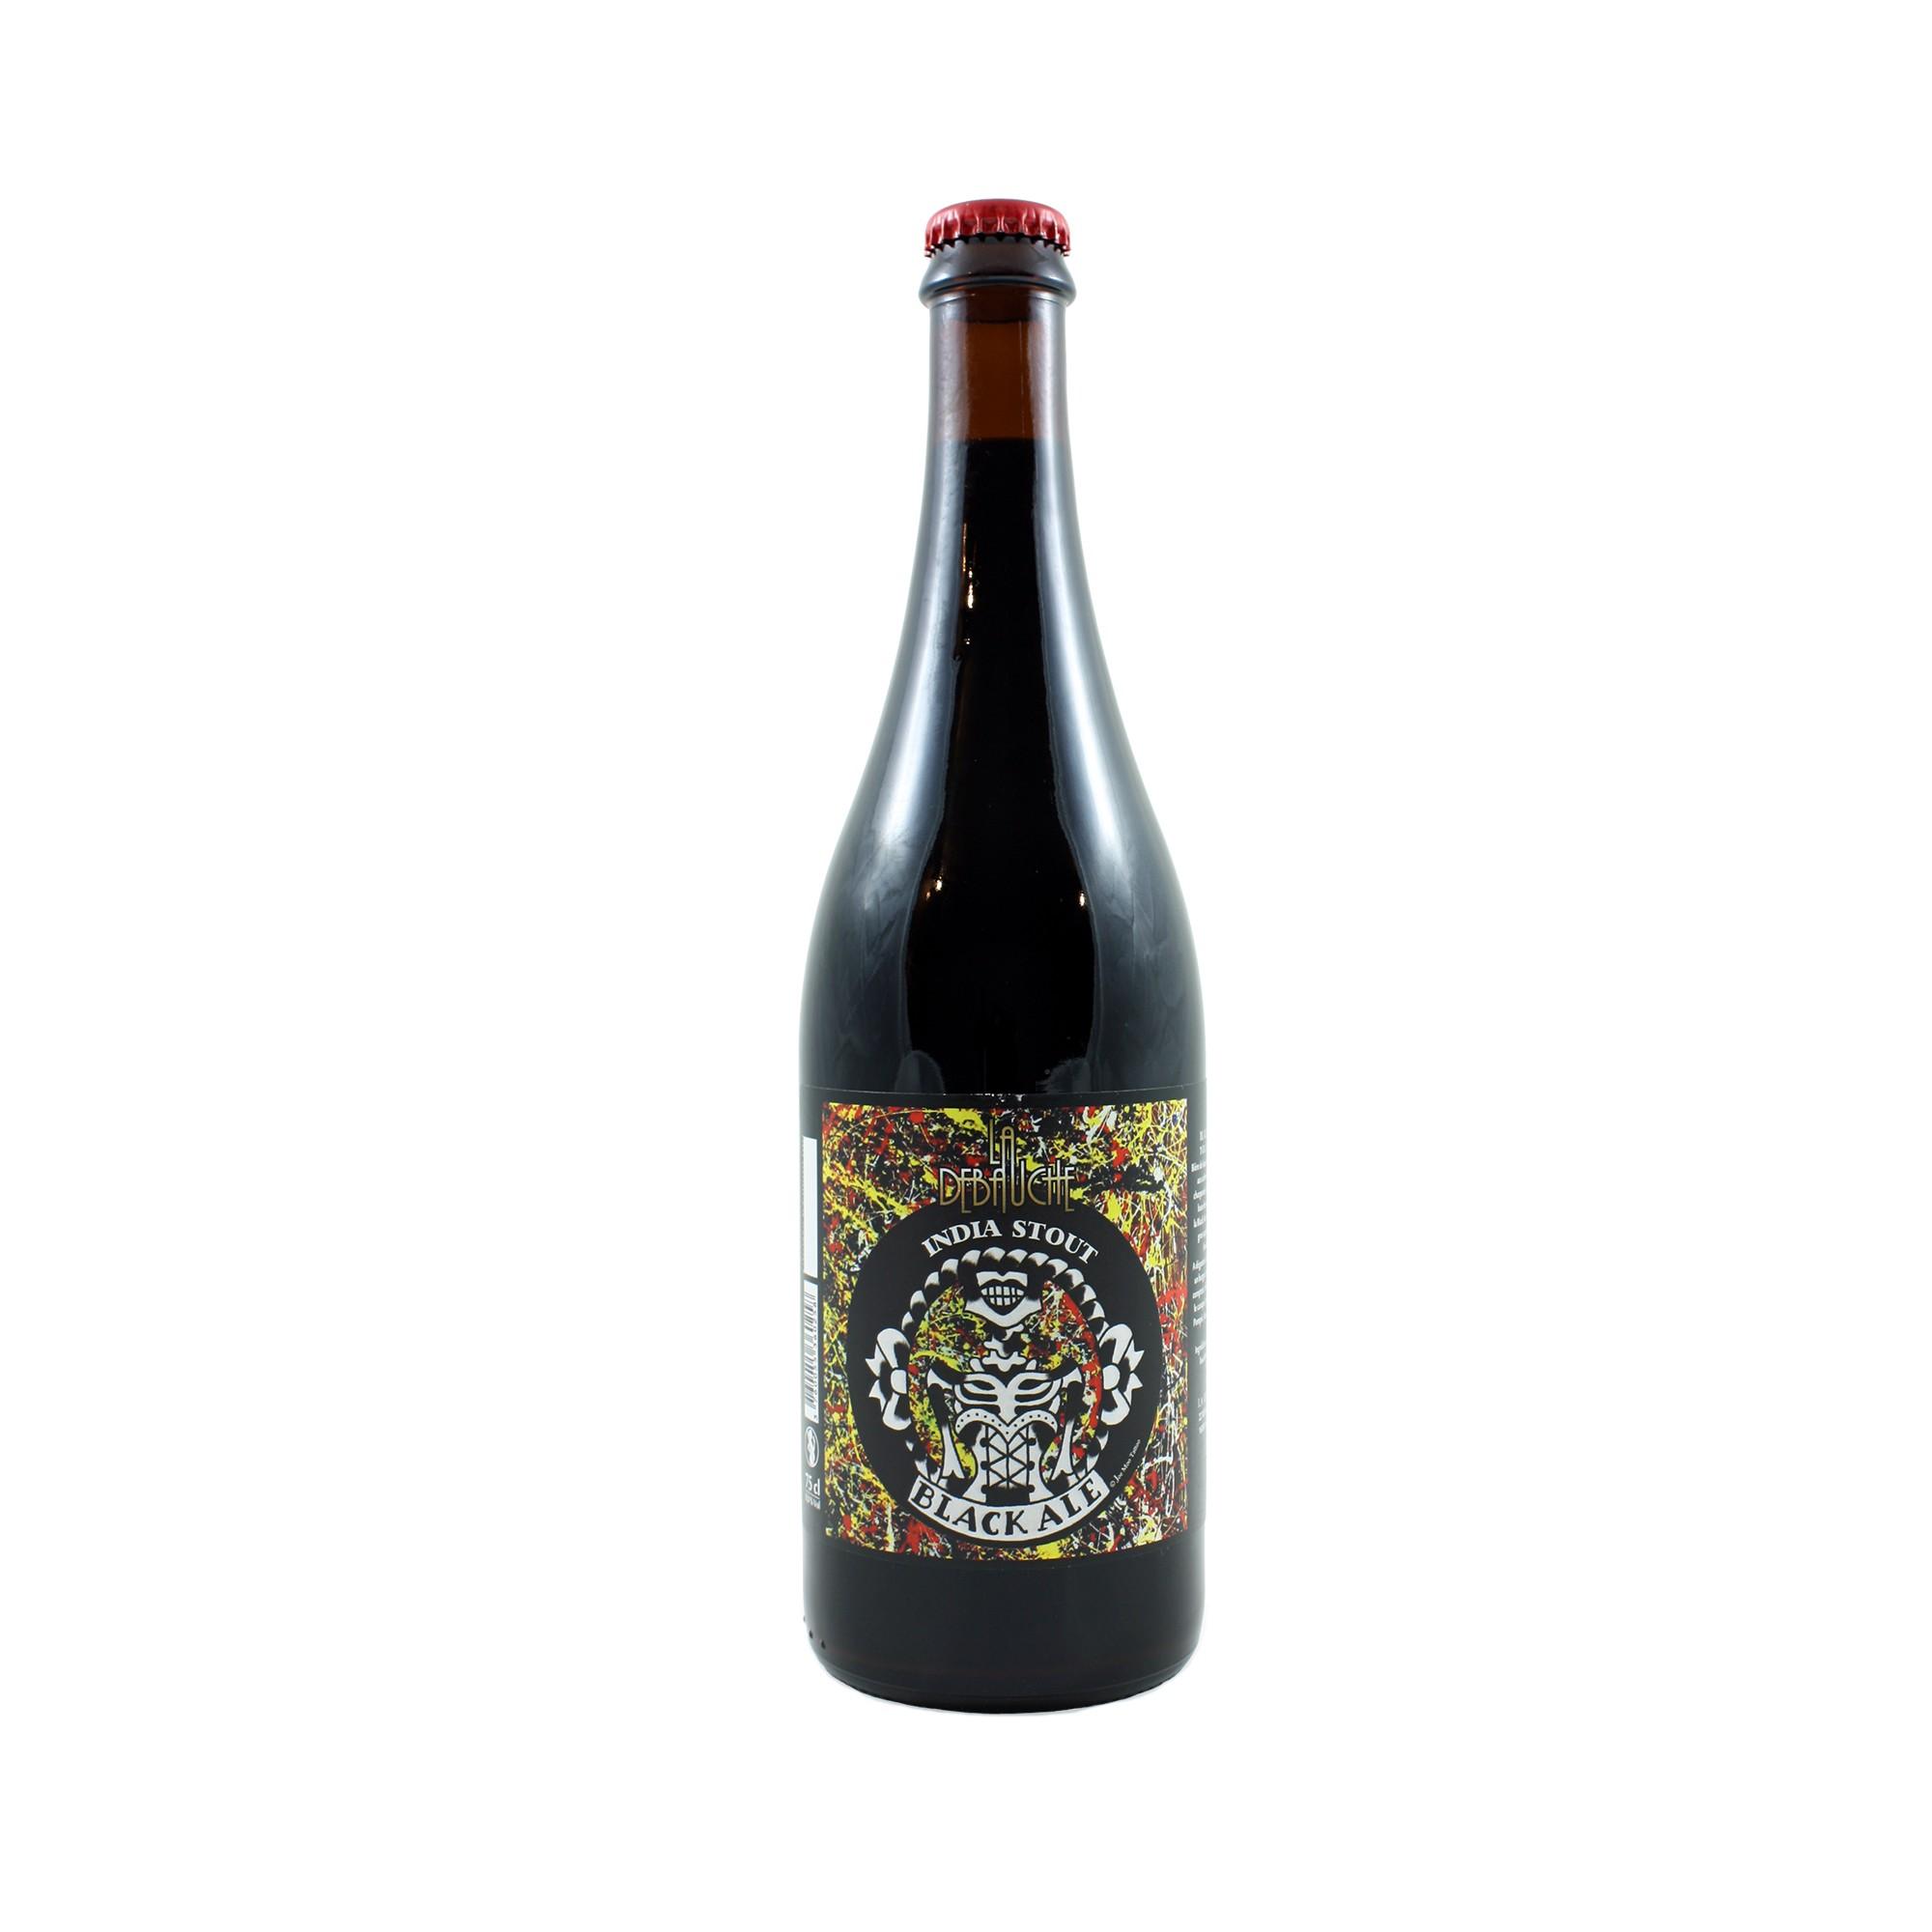 Black Ale India Stout 75 cl